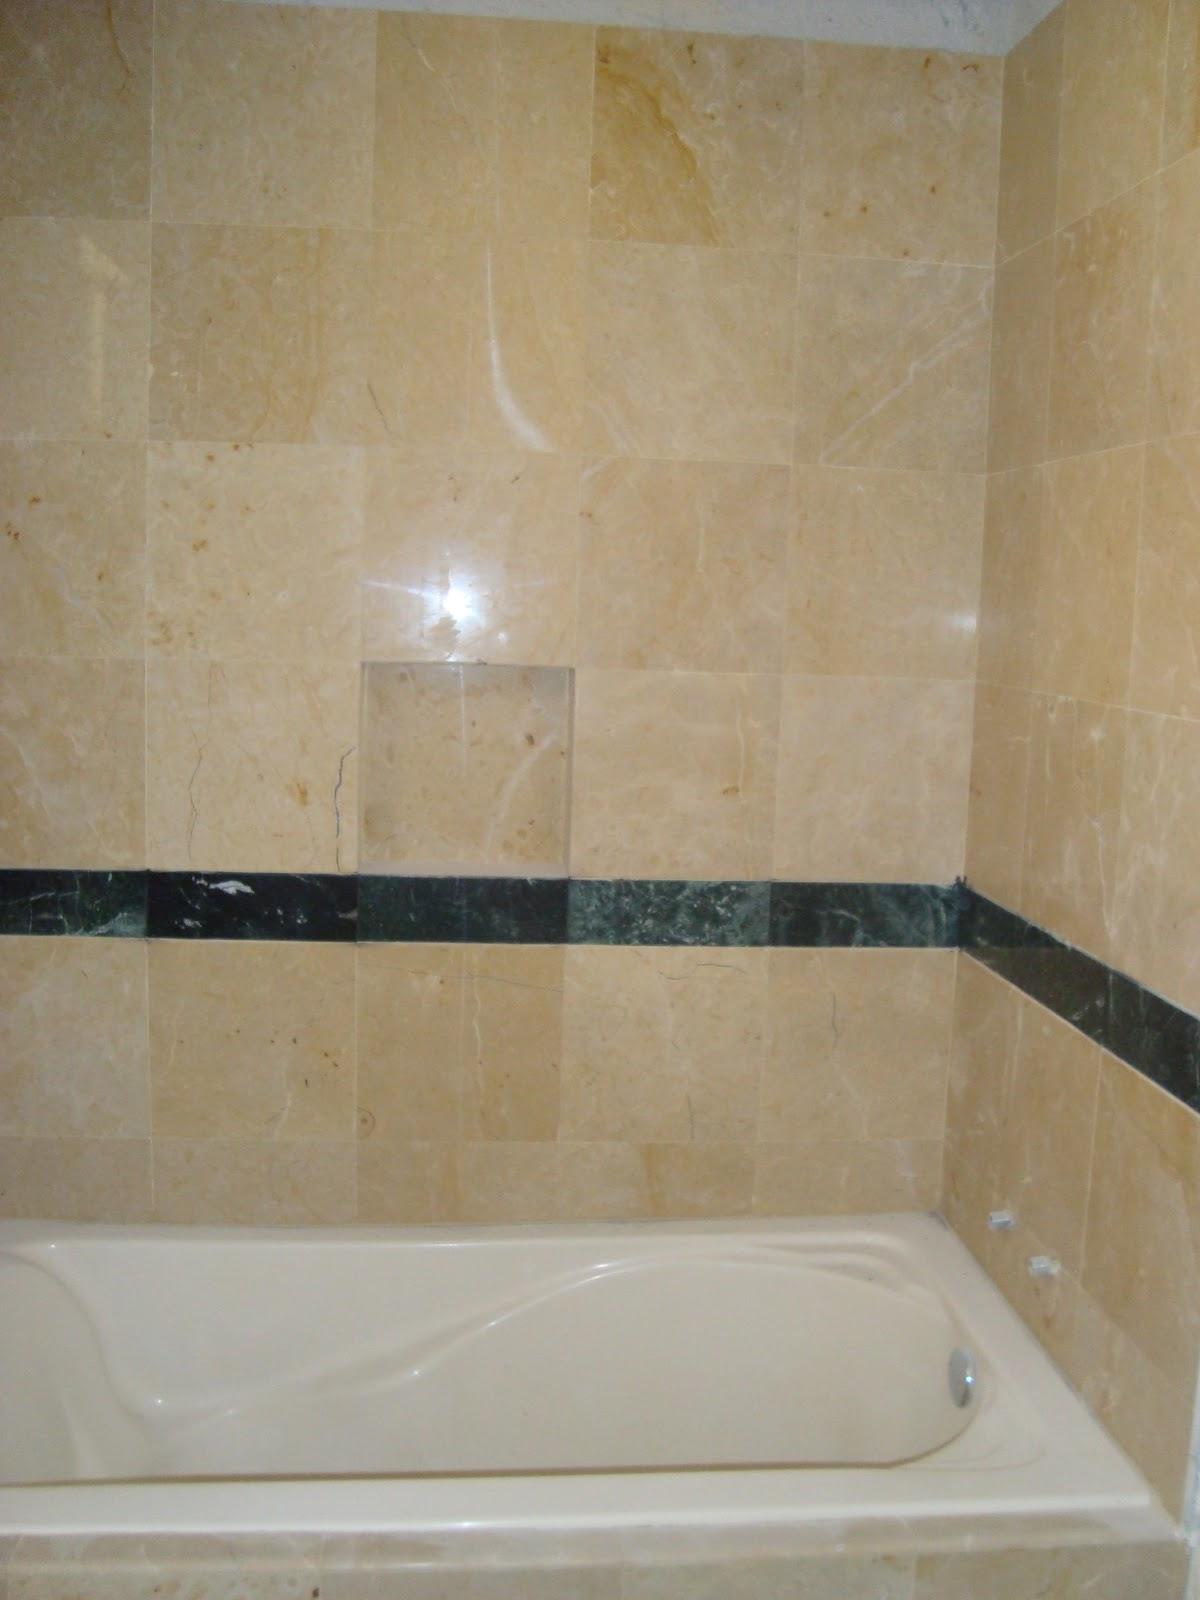 Baño De Tina Con Ruda:para habitacion o hotel sardinel de marmol para separar el area de